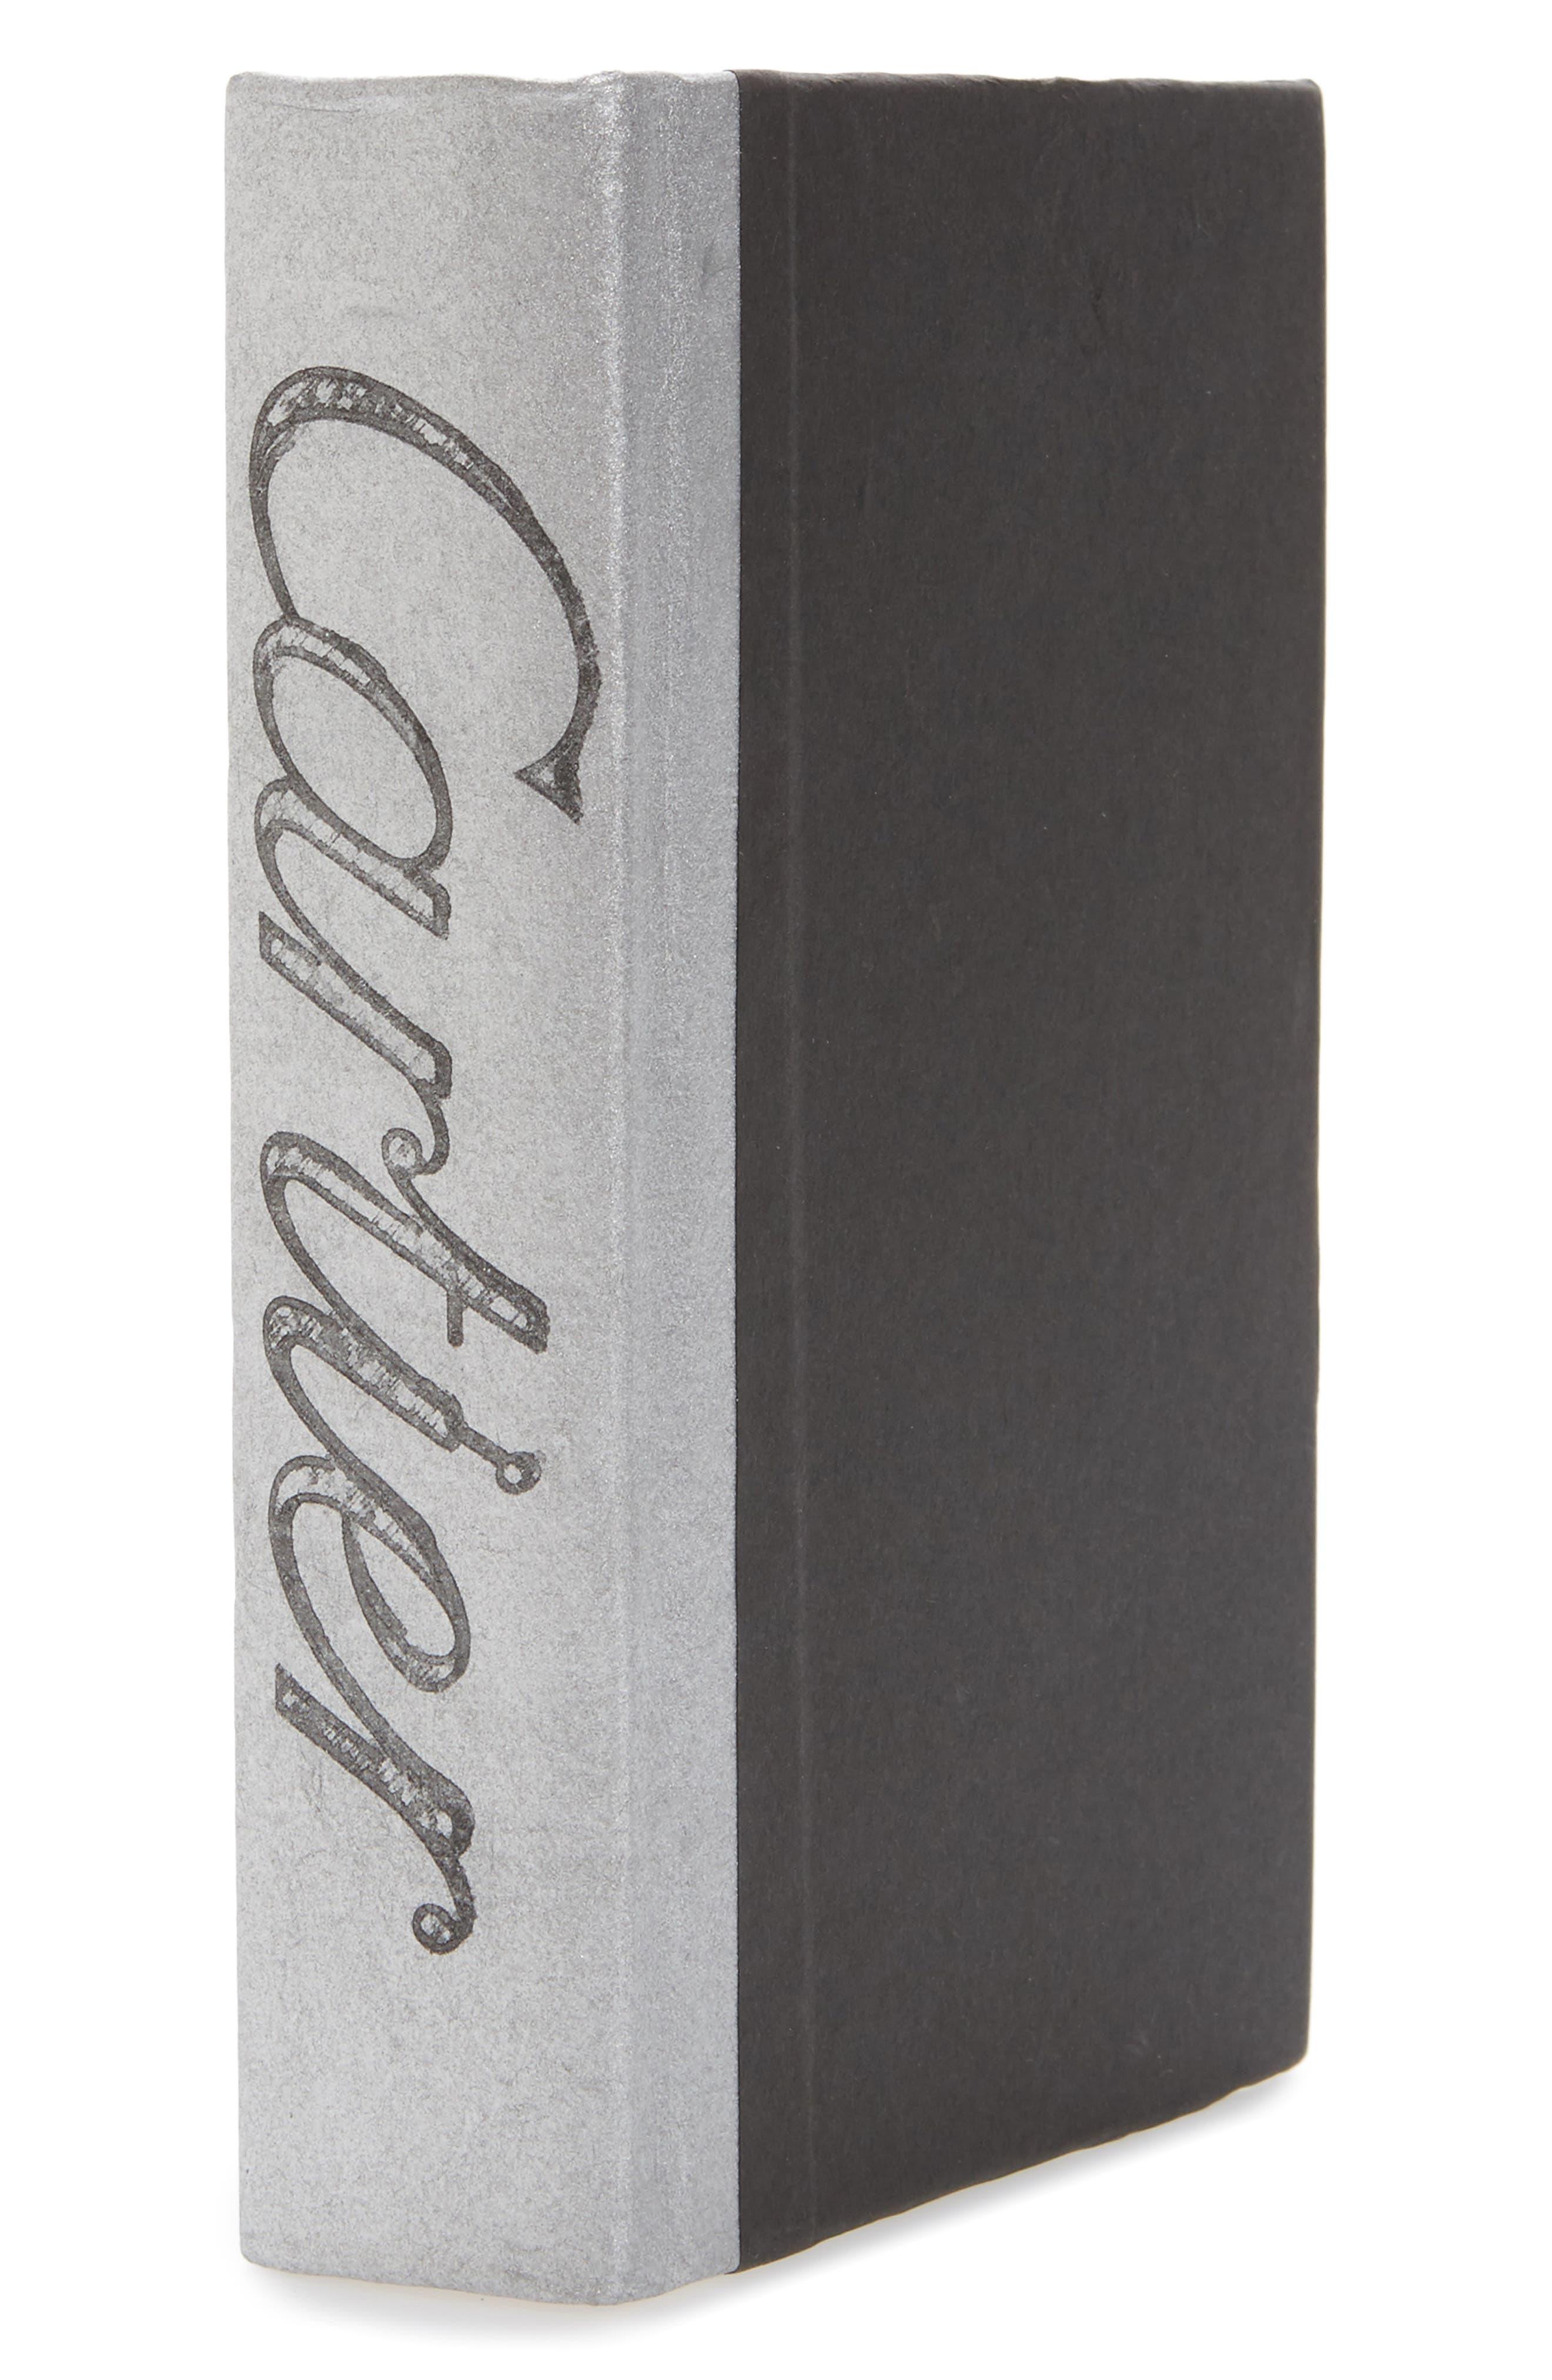 E. Lawrence, Ltd. Designer Reclaimed Book Art